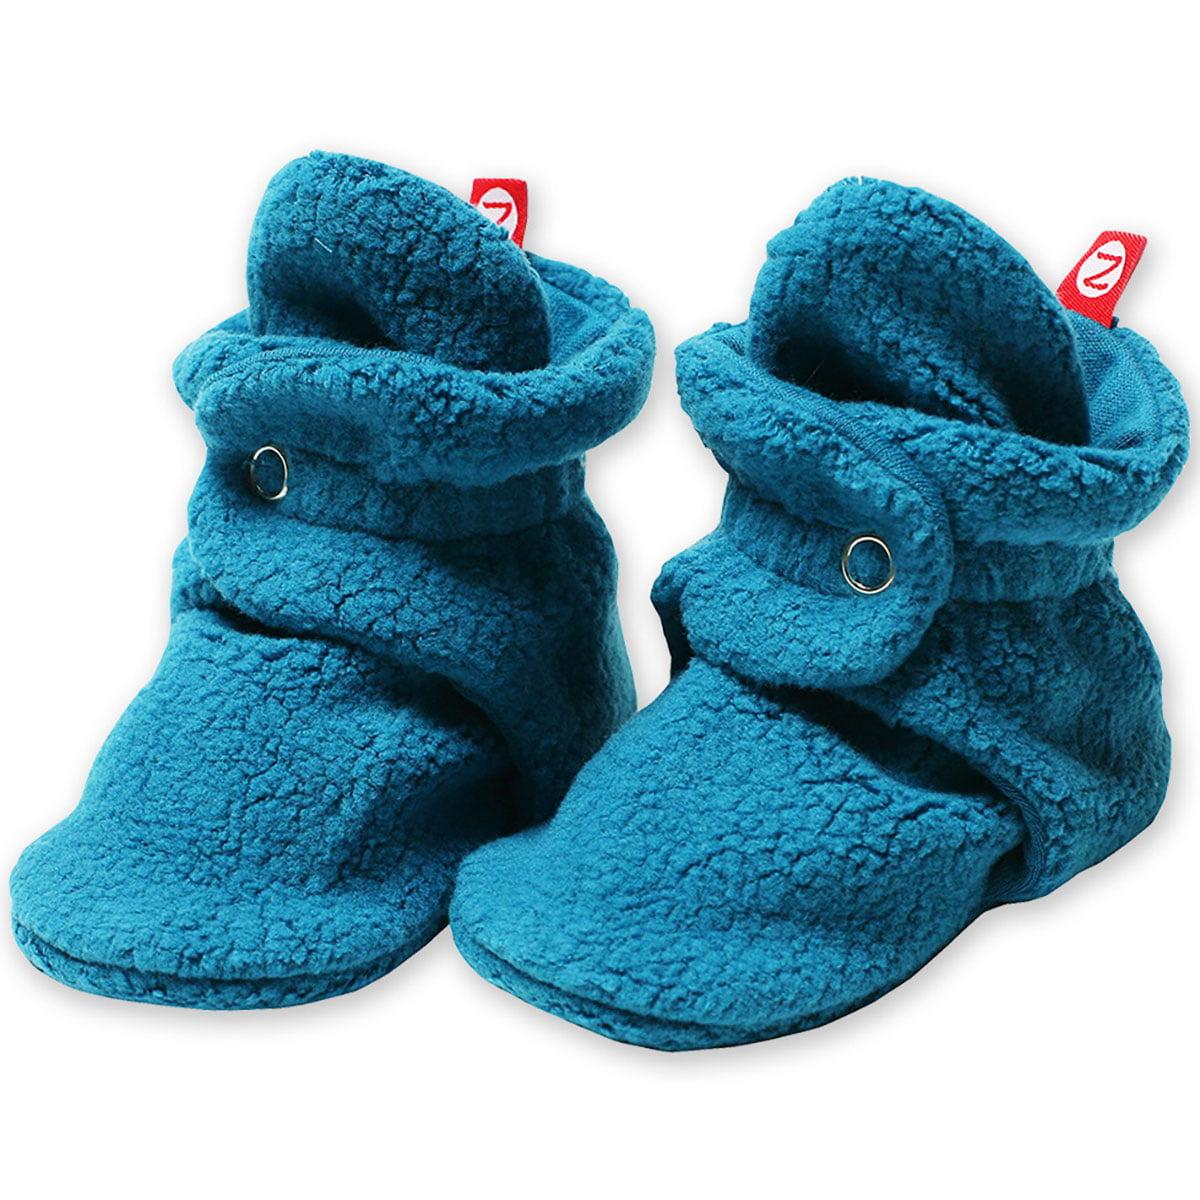 ad0d9689c770a Zutano Booties Newborn Unisex Fleece Baby Booties For Baby Boys or Baby  Girls Winter Slipper Socks - Pagoda Blue- 3 Months - Zutano Cozie Booties